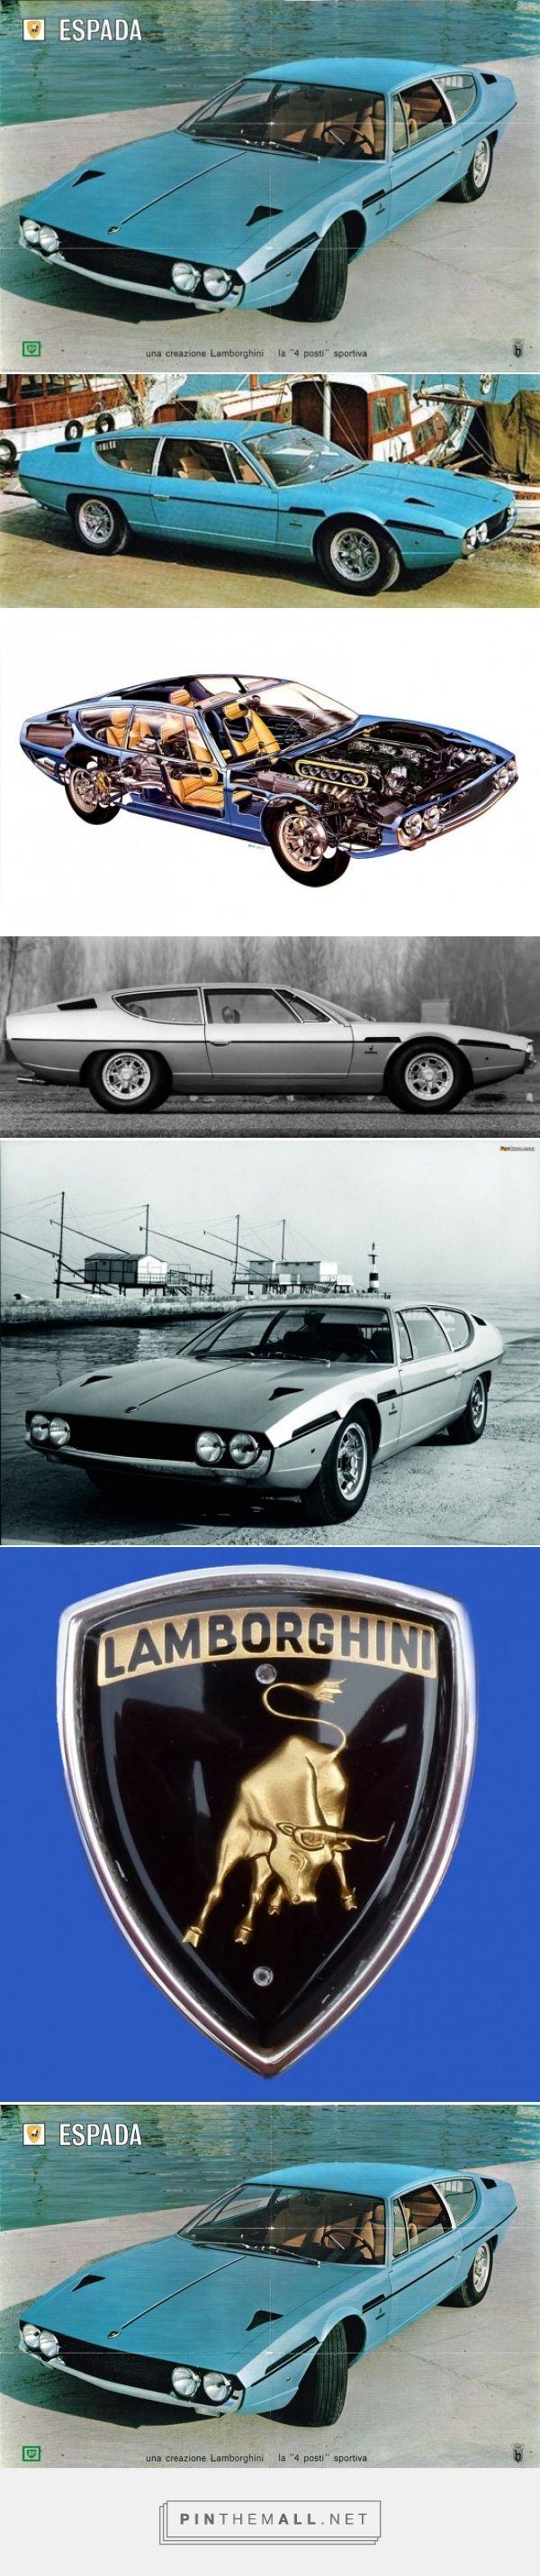 Lamborghini Espada, bodywork by Marcello Gandini of Bertone, V12